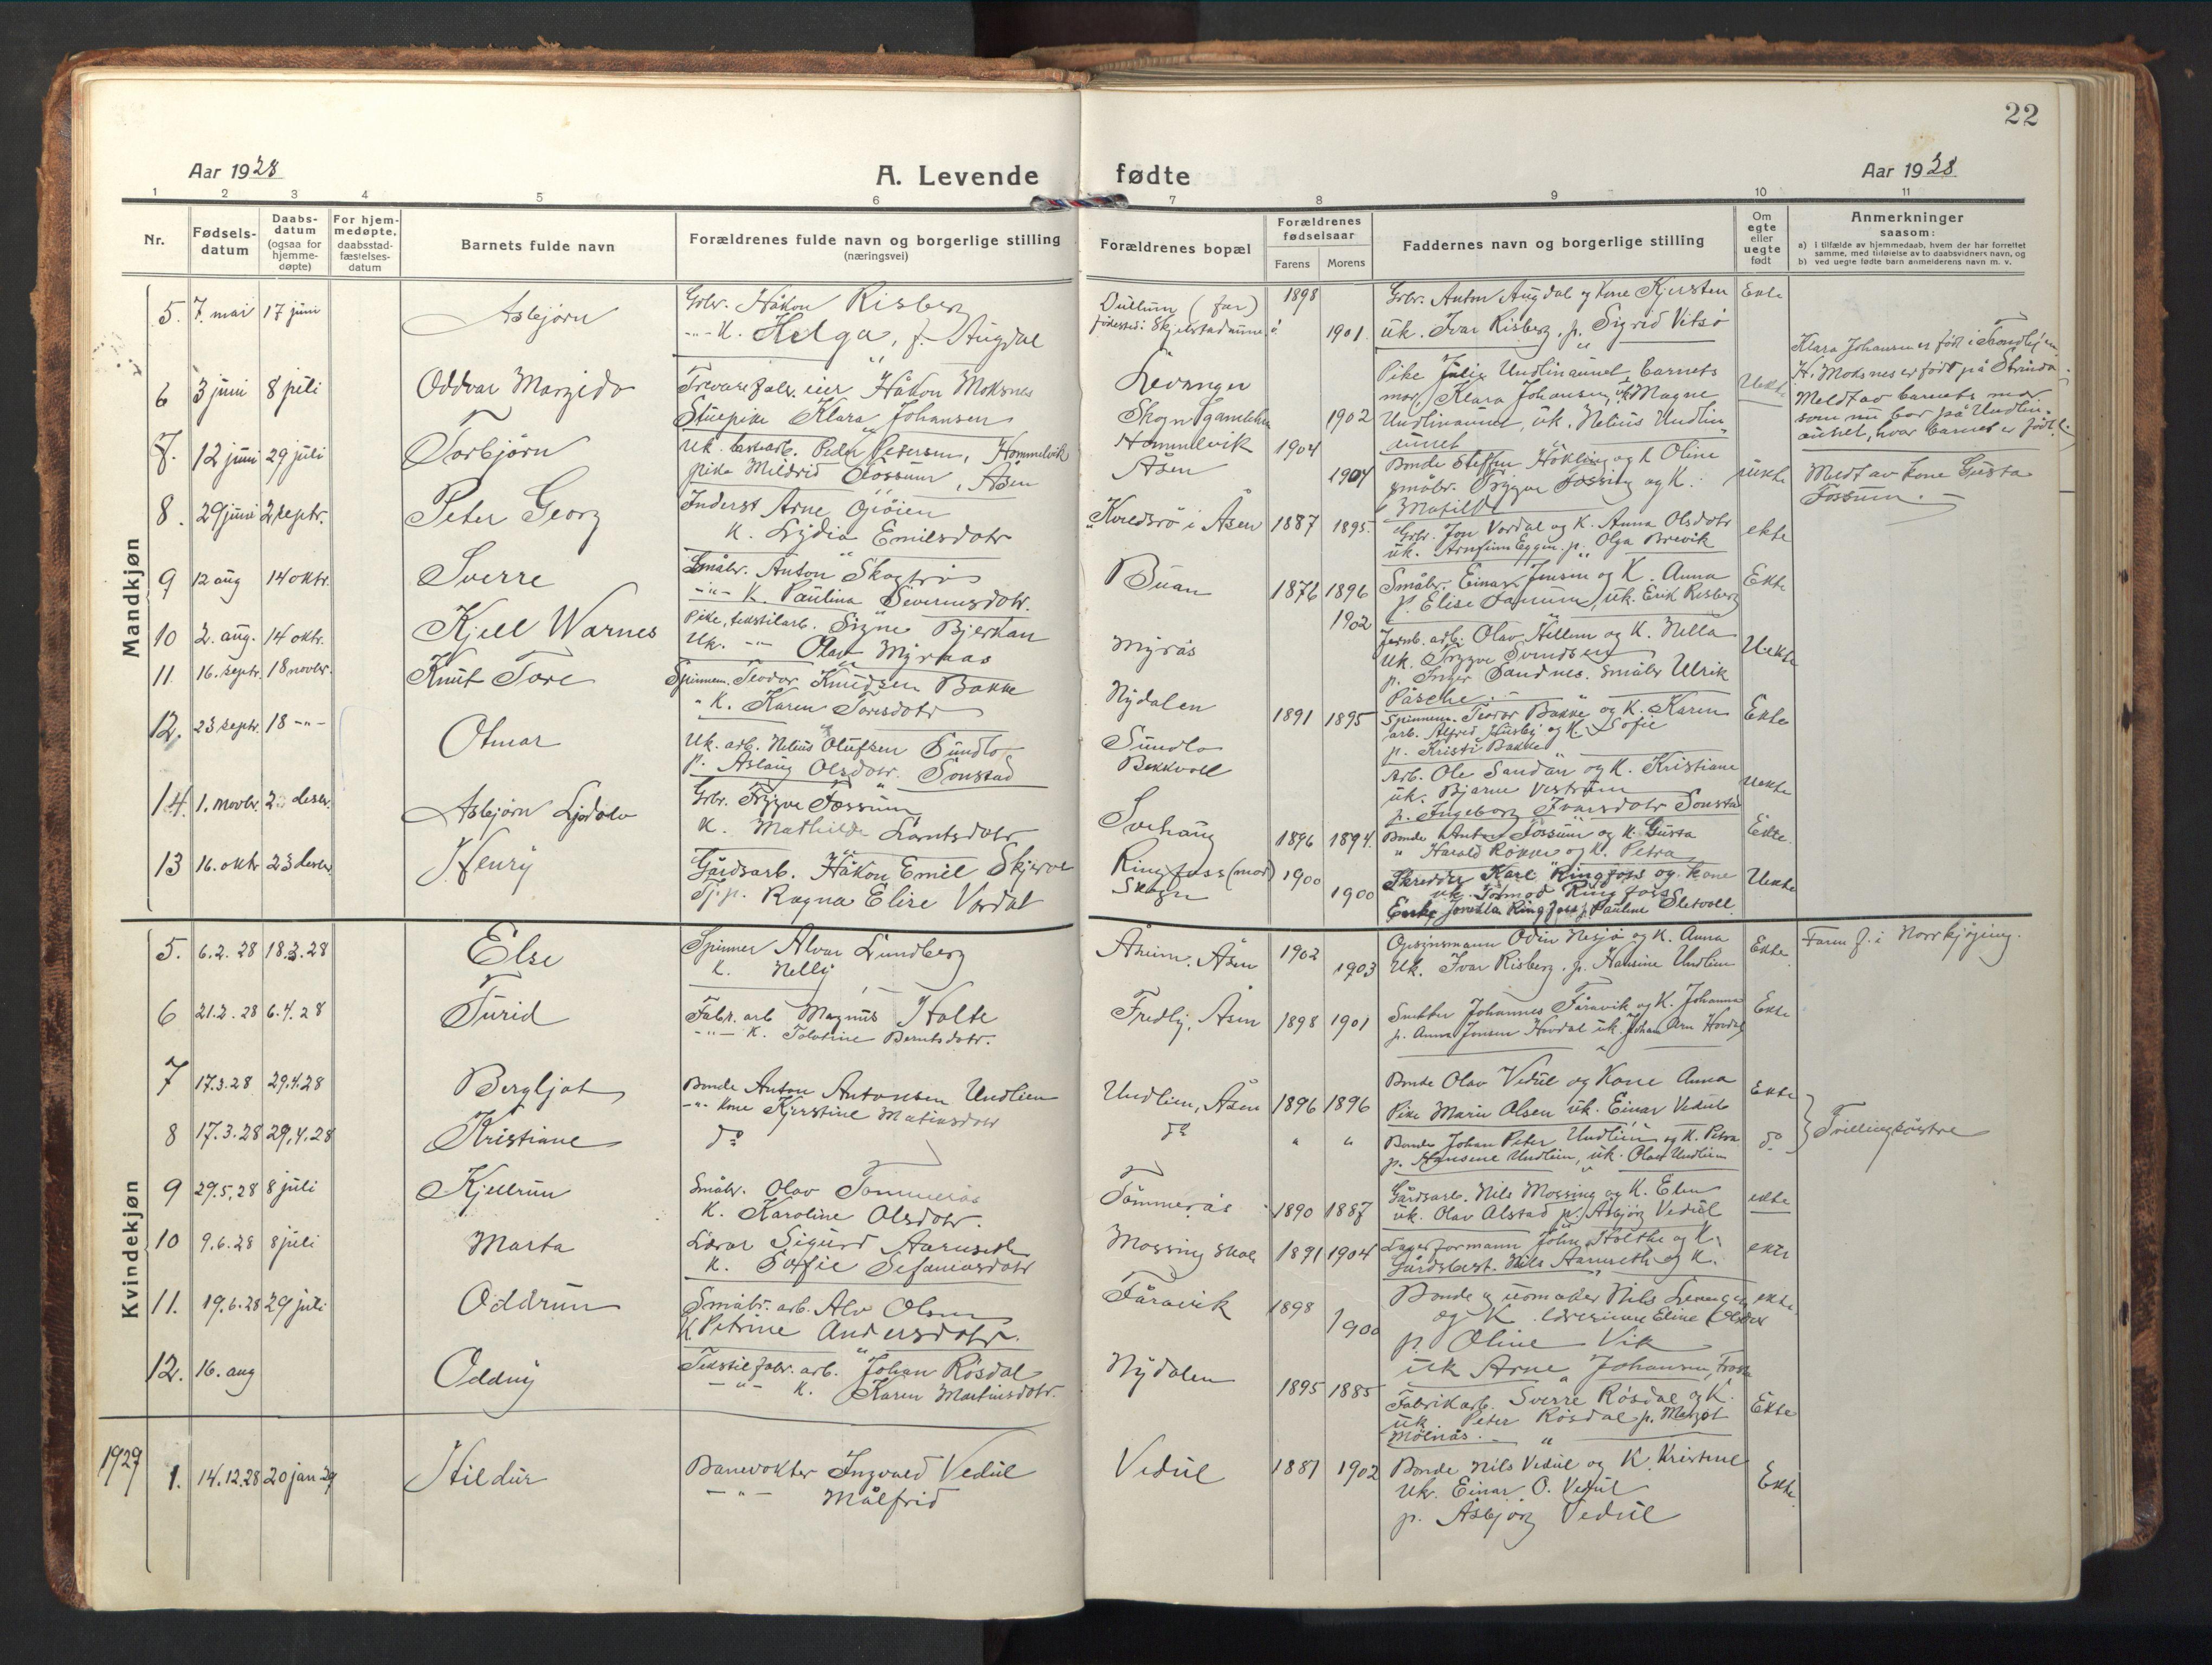 SAT, Ministerialprotokoller, klokkerbøker og fødselsregistre - Nord-Trøndelag, 714/L0136: Klokkerbok nr. 714C05, 1918-1957, s. 22